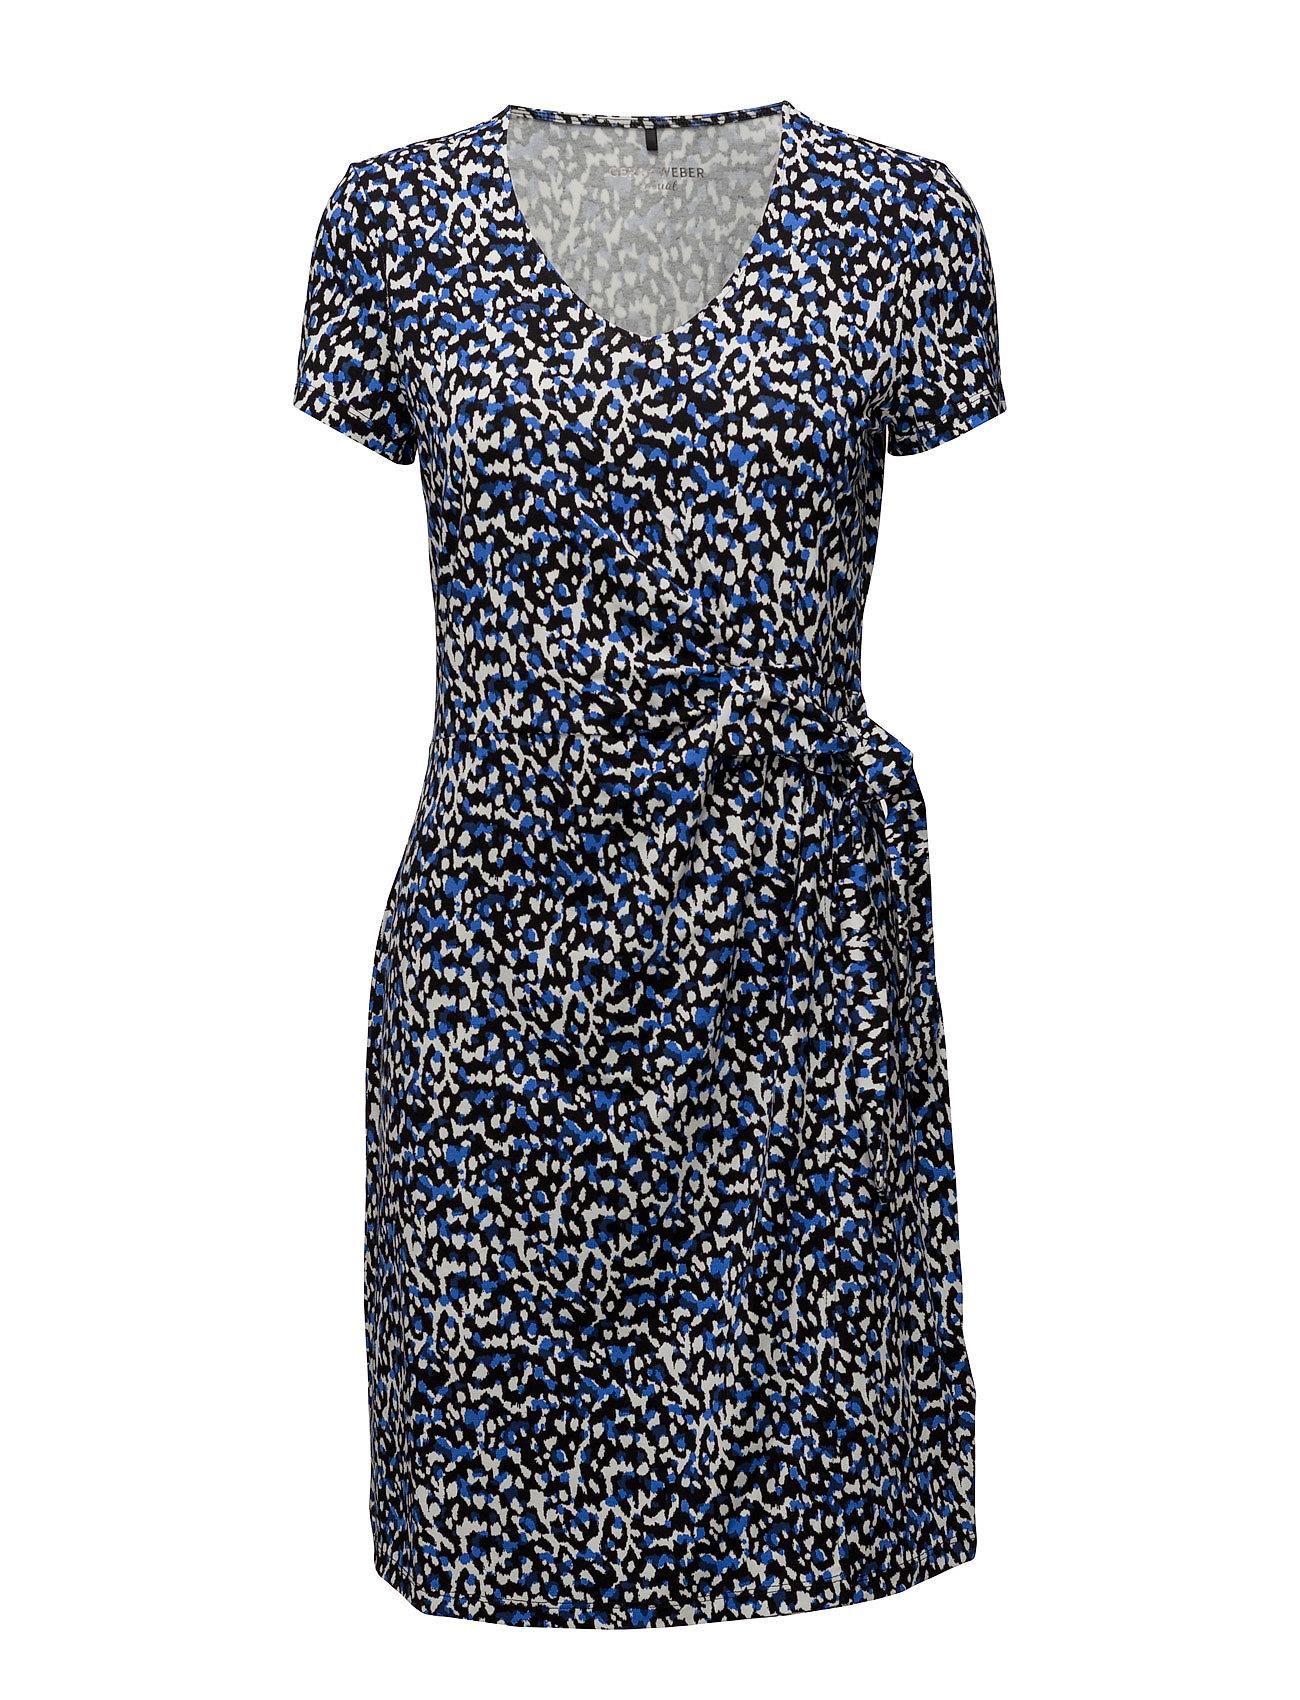 Dress Knitted Fabric Gerry Weber Edition Knælange & mellemlange til Damer i